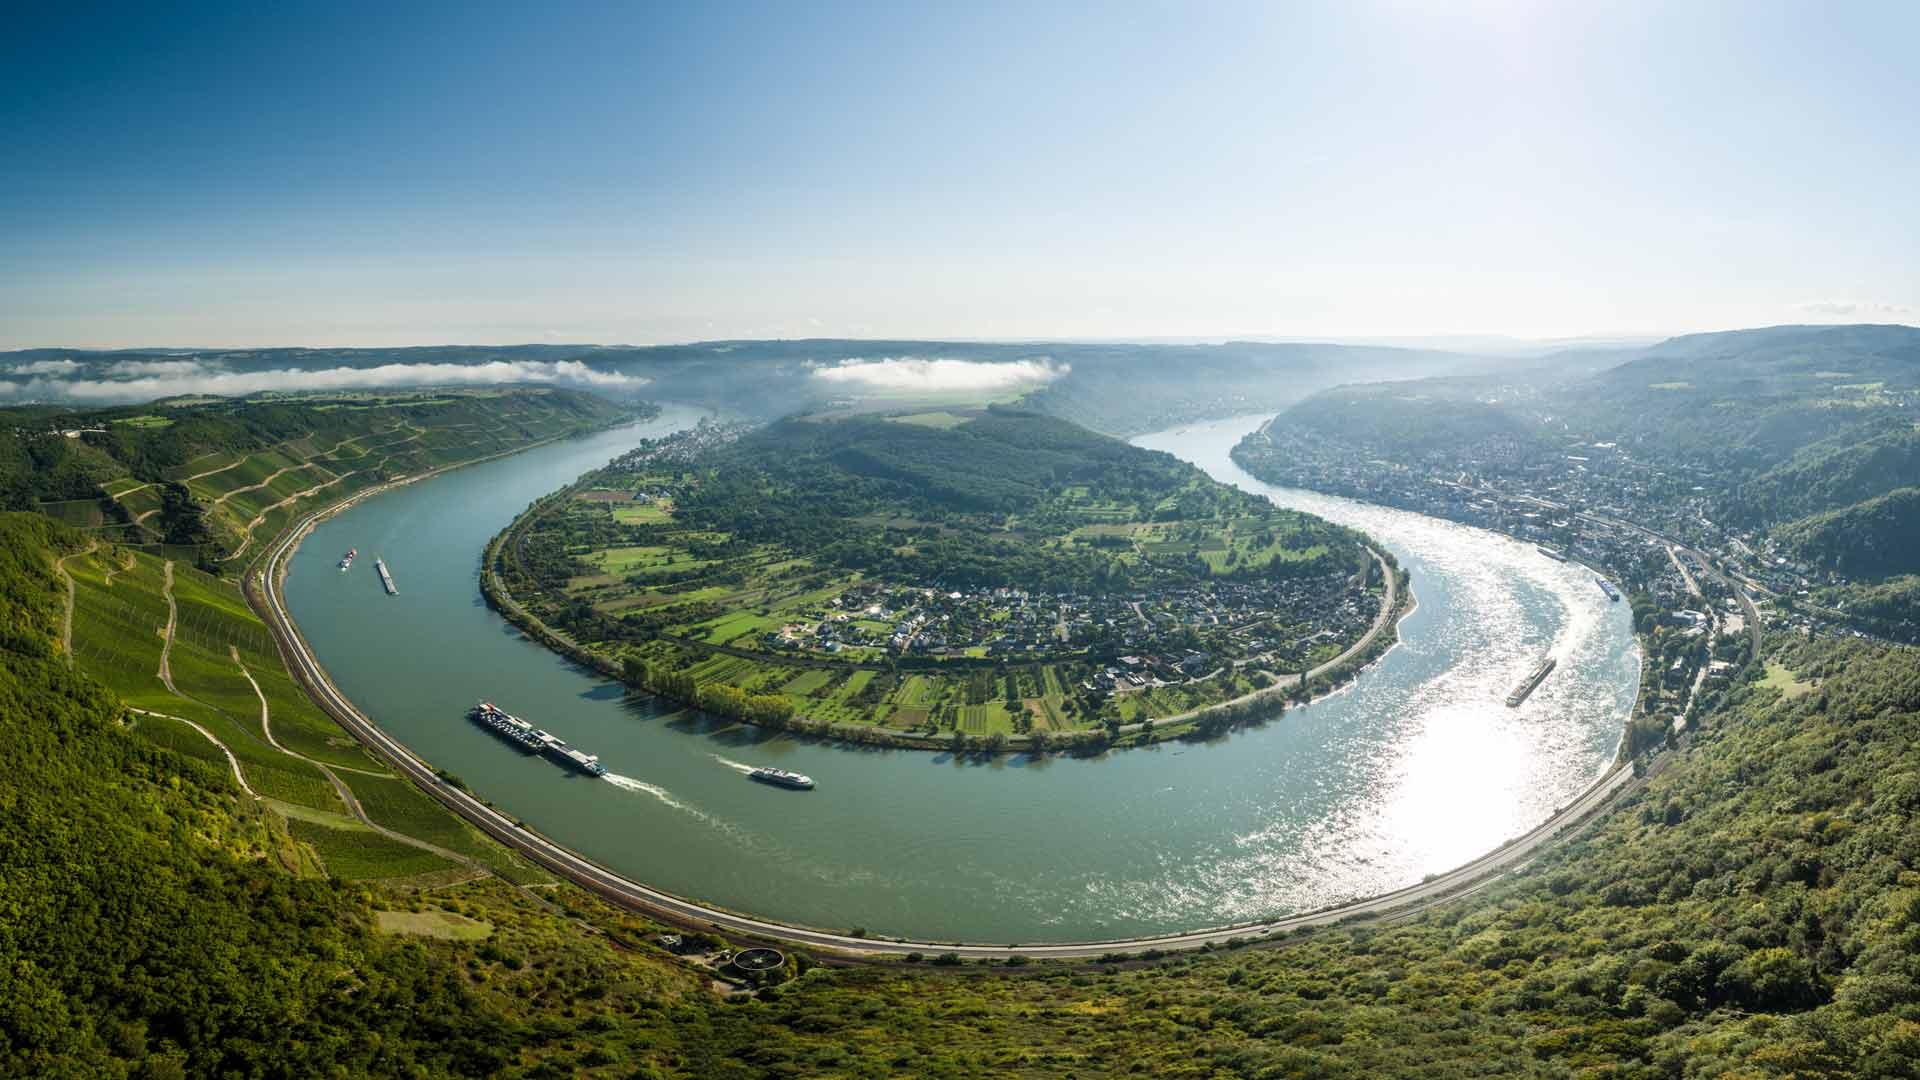 Vanaf het Gedeonseck heb je een geweldig uitzicht over de Rijn bij Boppard.